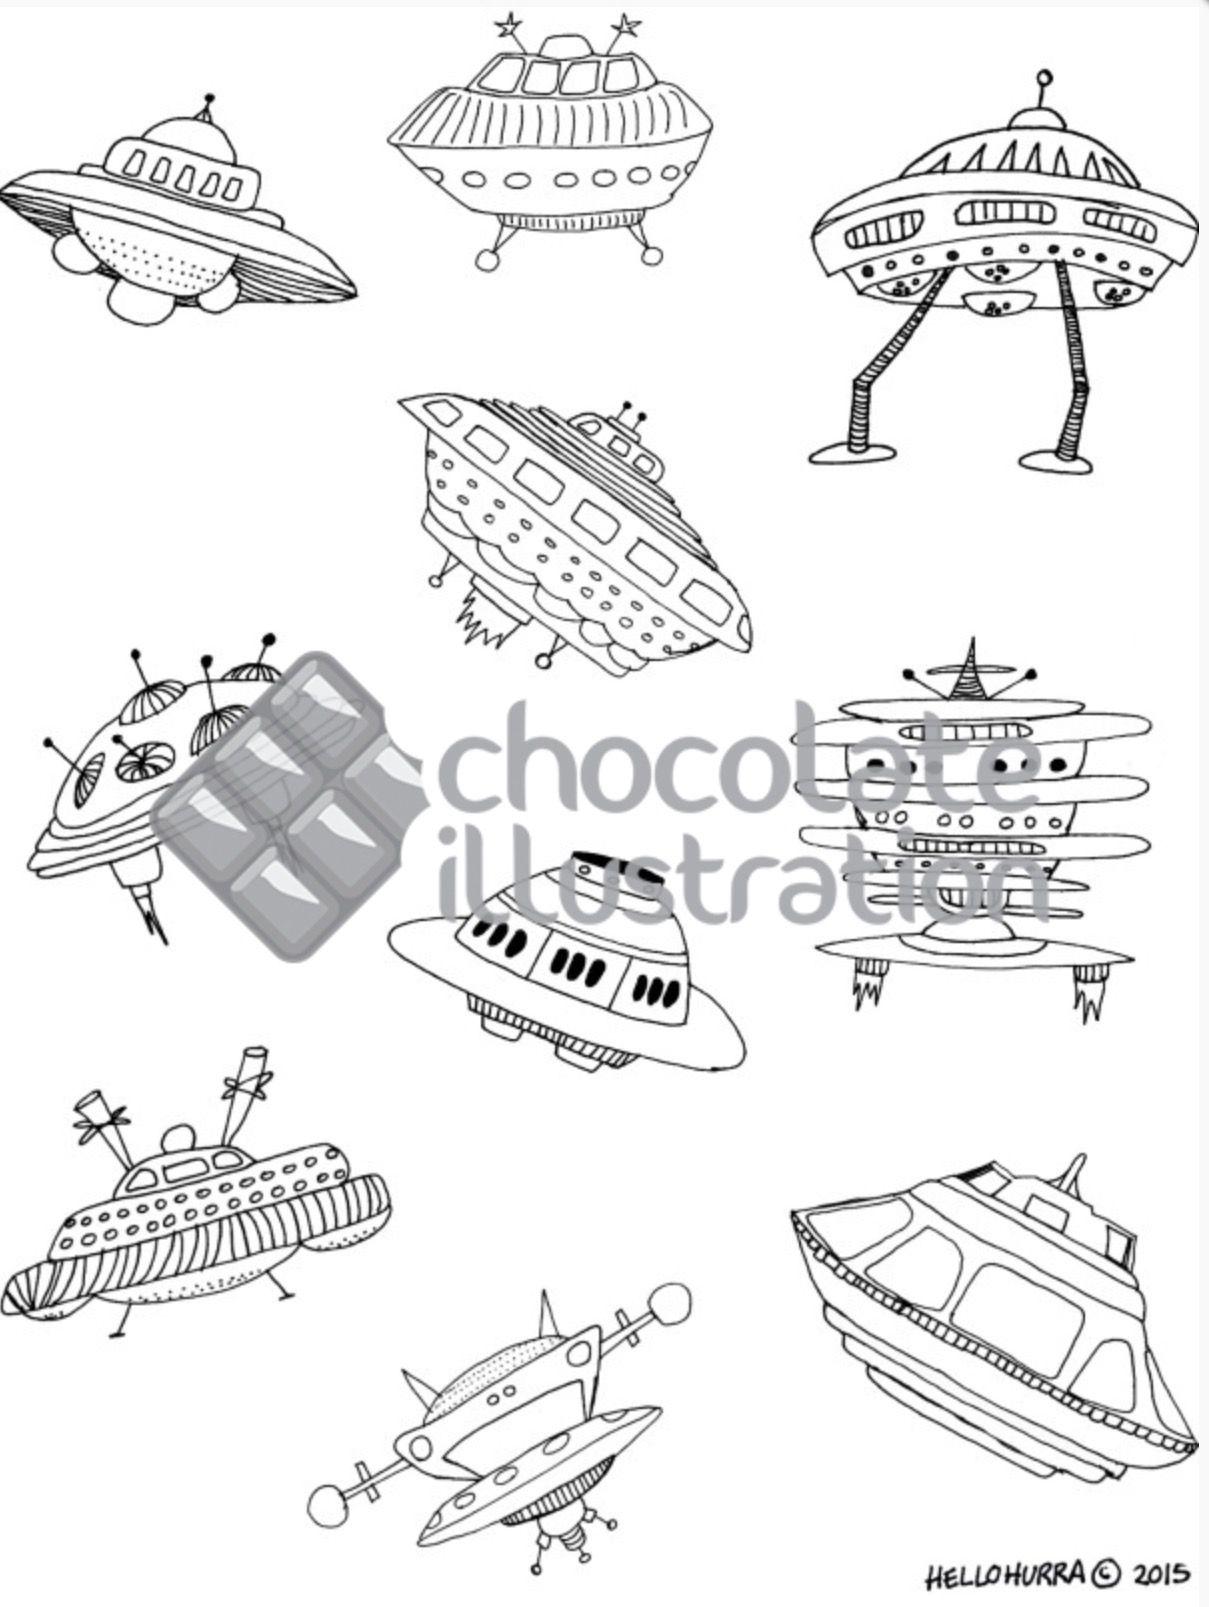 Un montón de naves espaciales en esta ilustración de Hurra para pasarlo genial coloreando. Nos encanta para convertirlo en un cuadro decorativo!. La tienes en https://chocolateillustration.com/ilustraciones/naves-espaciales/ #chocolateillustration #dibujosparapintar #colorear #yocoloreo #hurra #navesespaciales #dibujosparacolorear